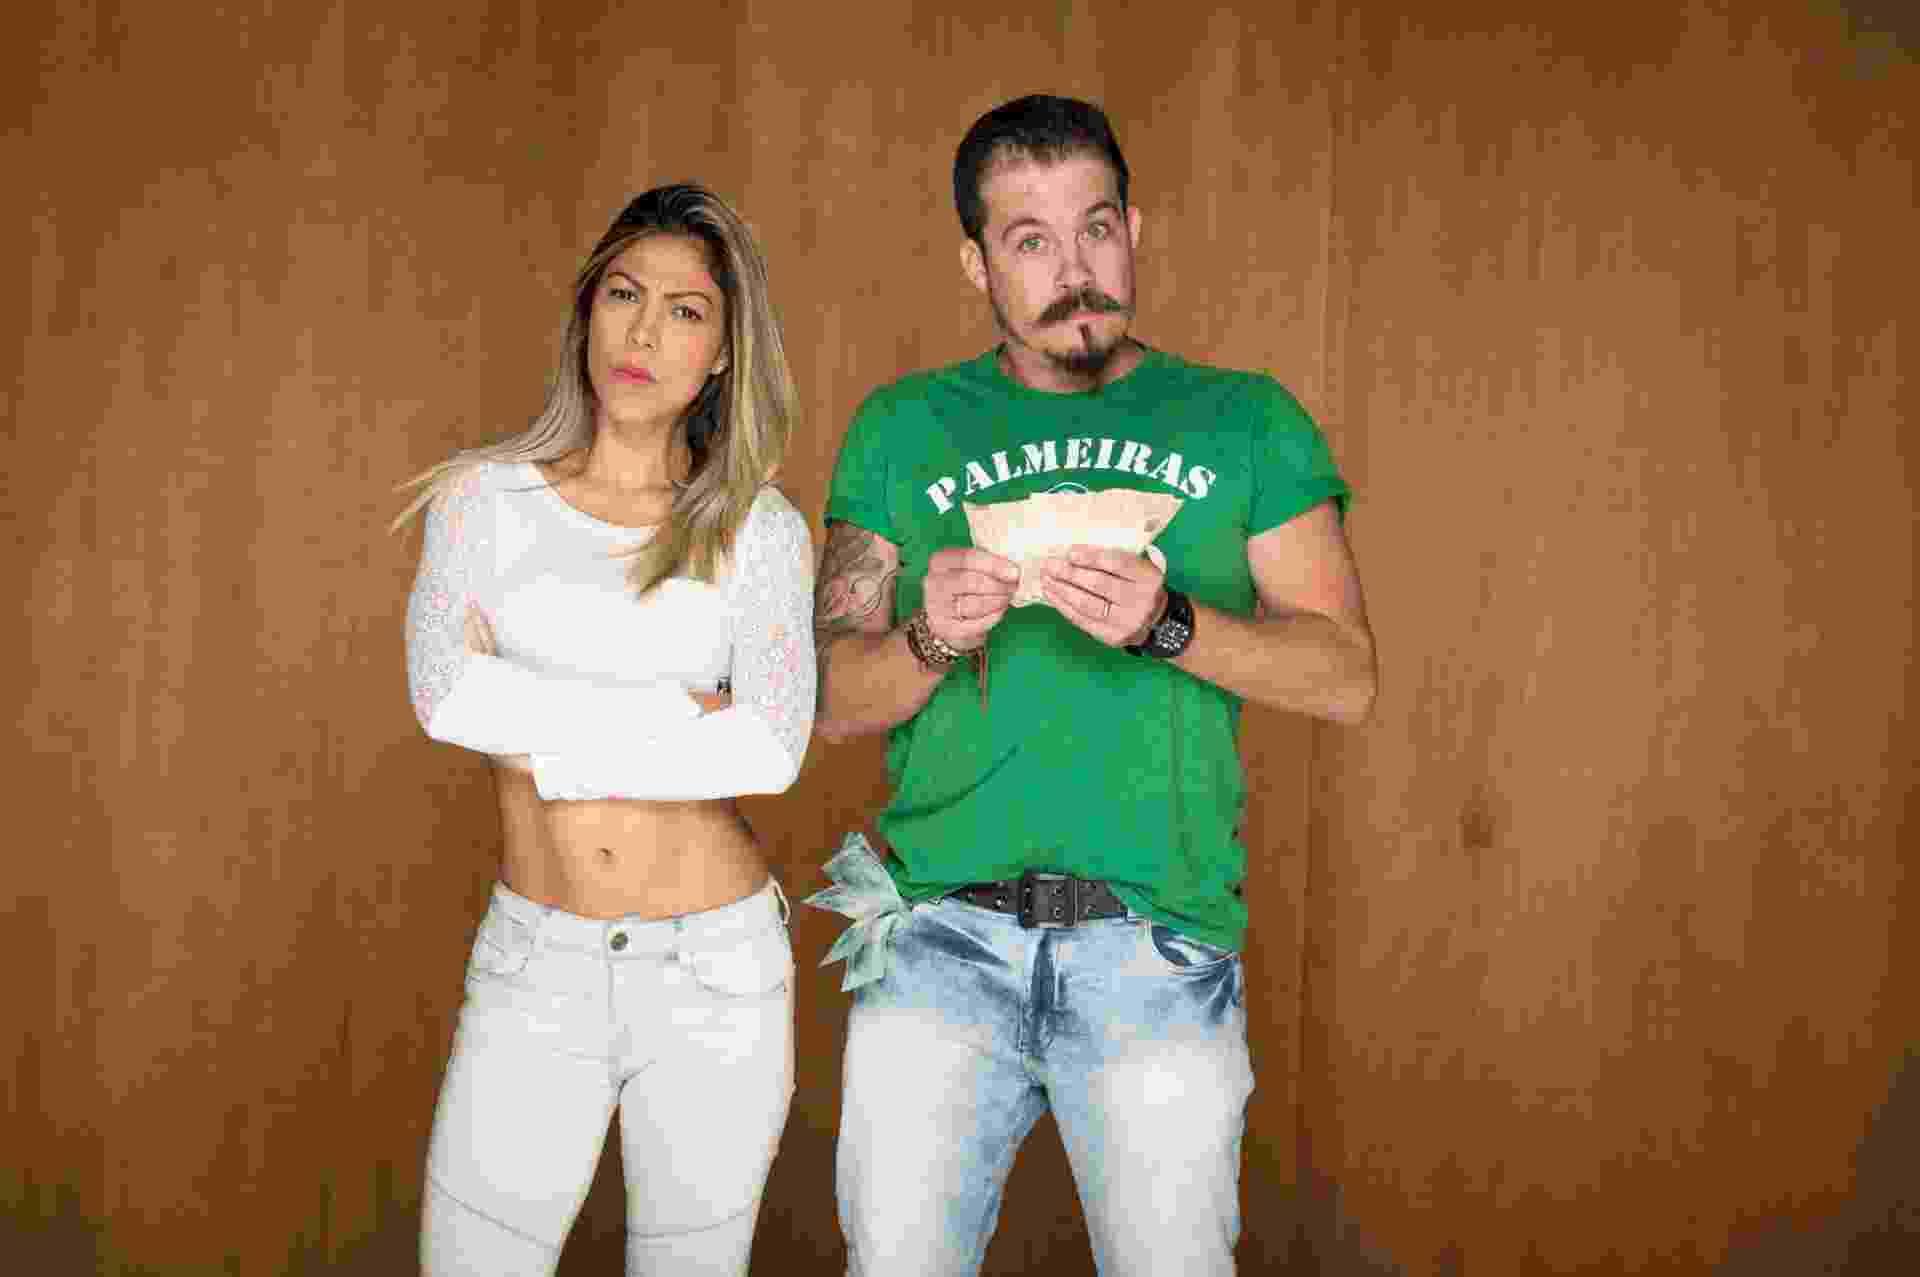 Patricia e Eduardo: Casado com Patrícia (33) há 5 anos, Eduardo é O GASTADOR. Patrícia já não consegue mais conviver com a impulsividade e a falta de planeamento financeiro do esposo - Divulgação/Fox